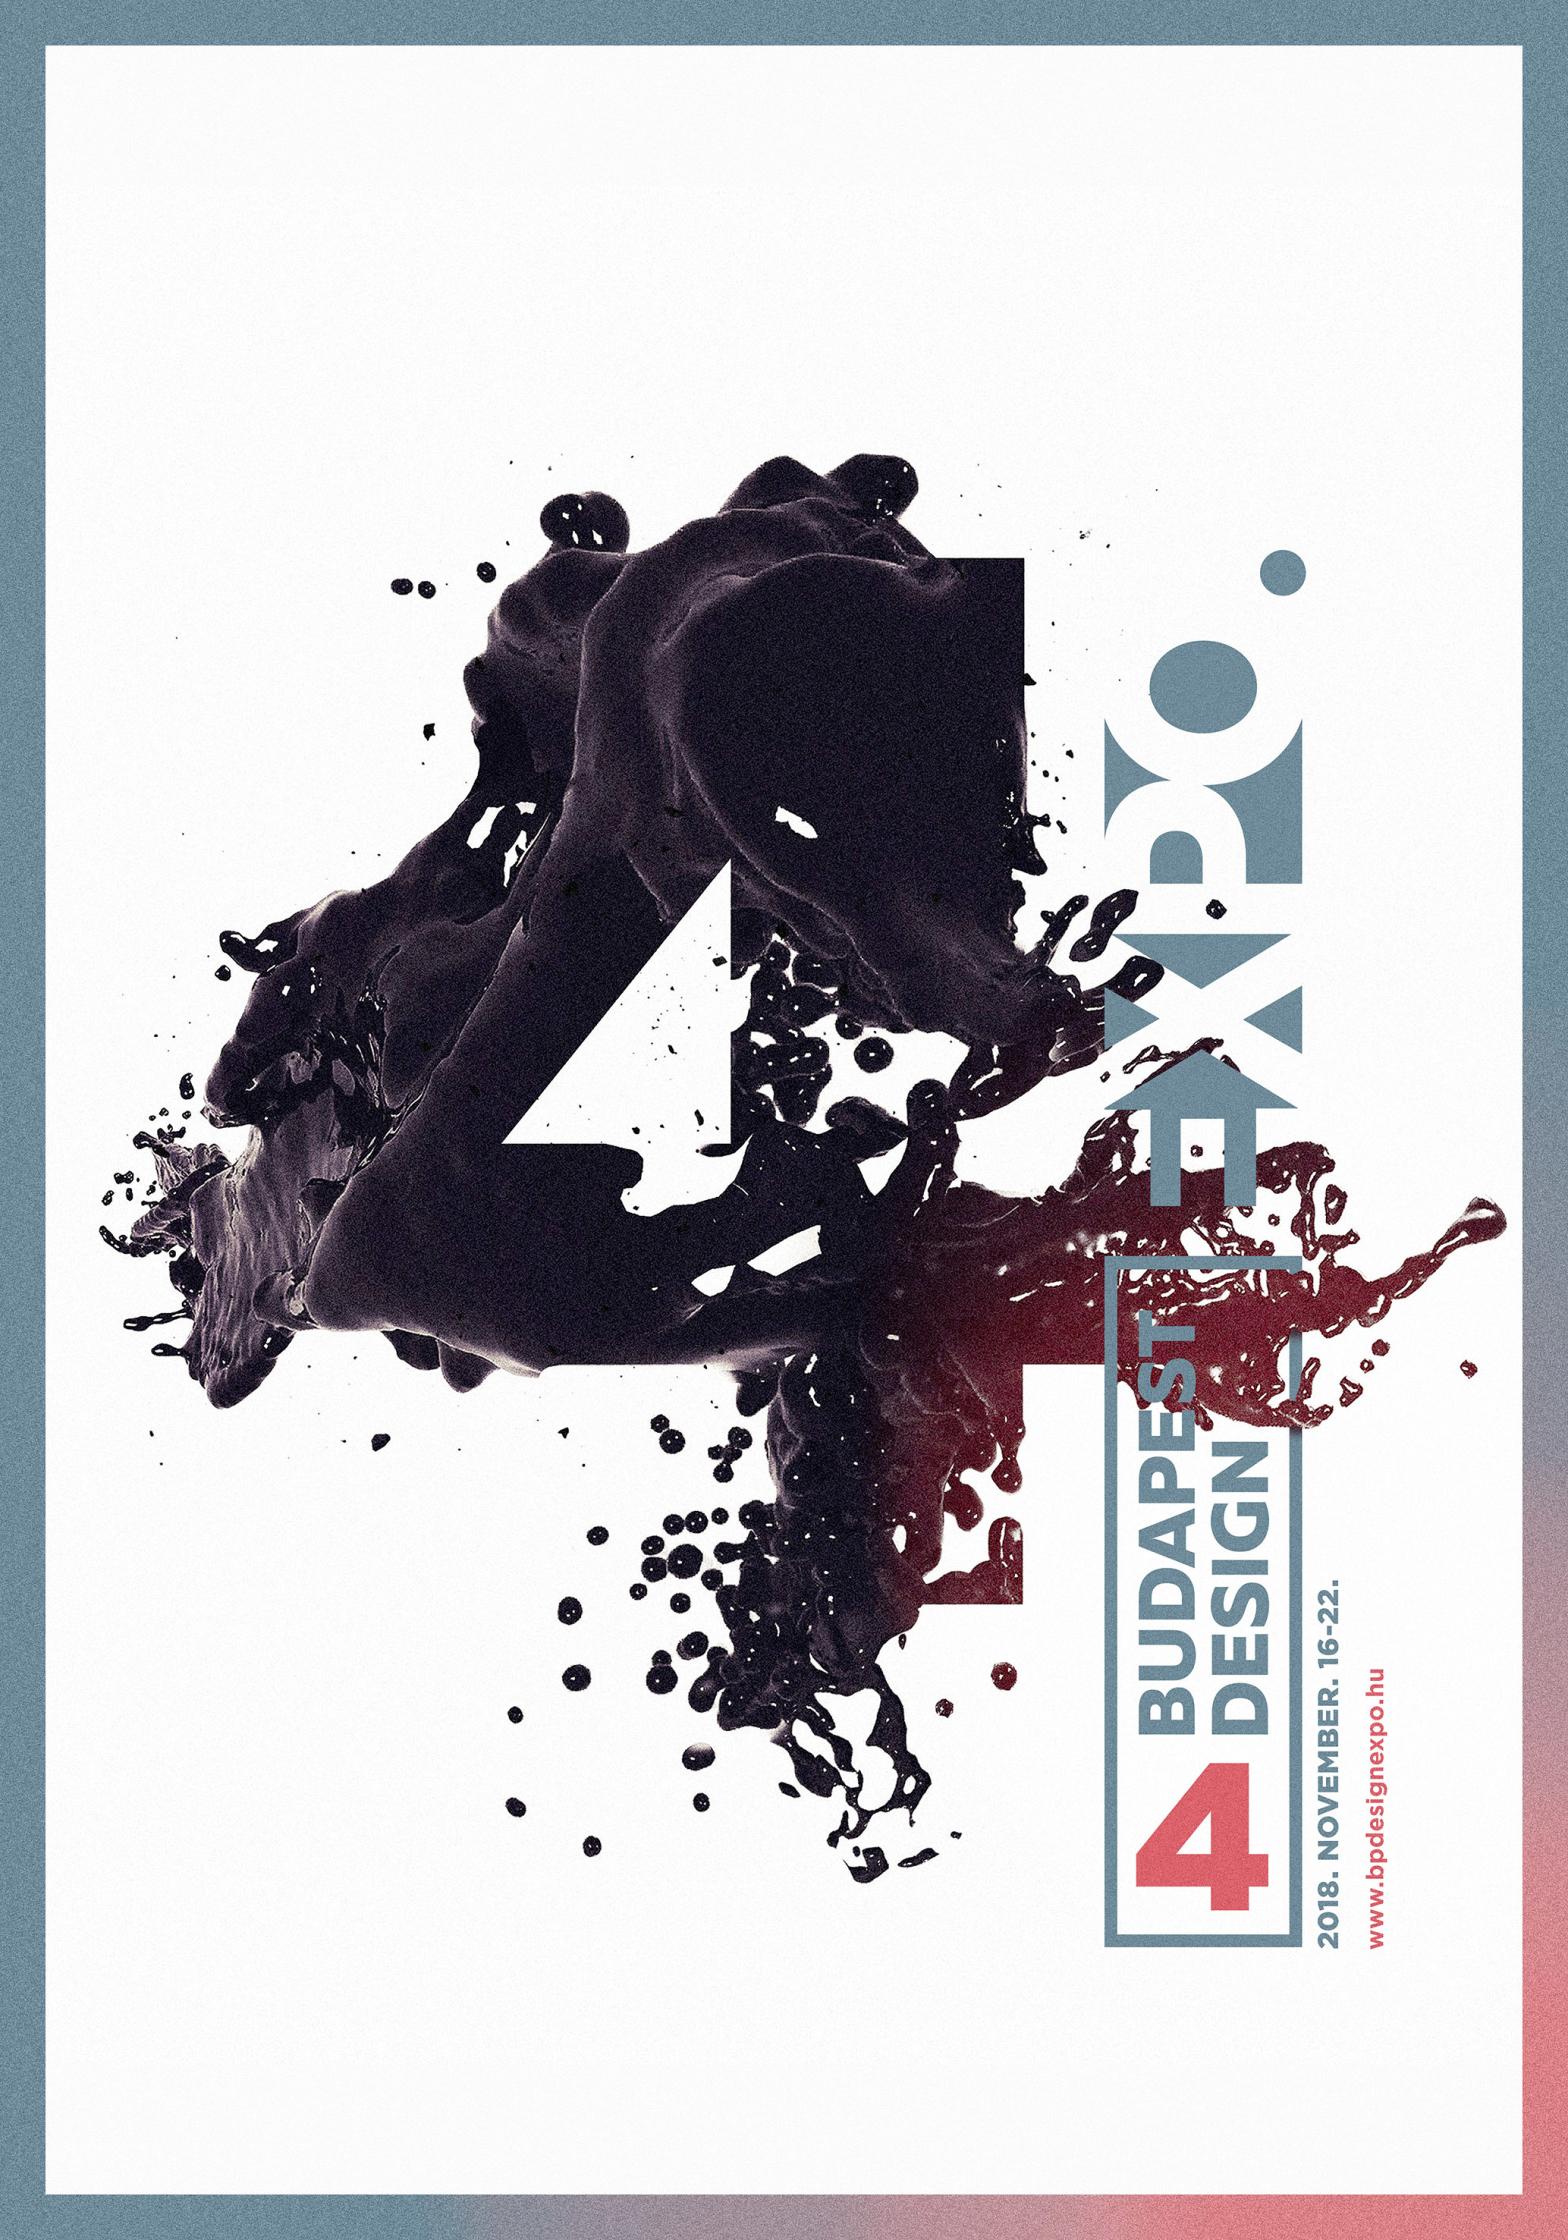 Budapest design expo poster.jpg